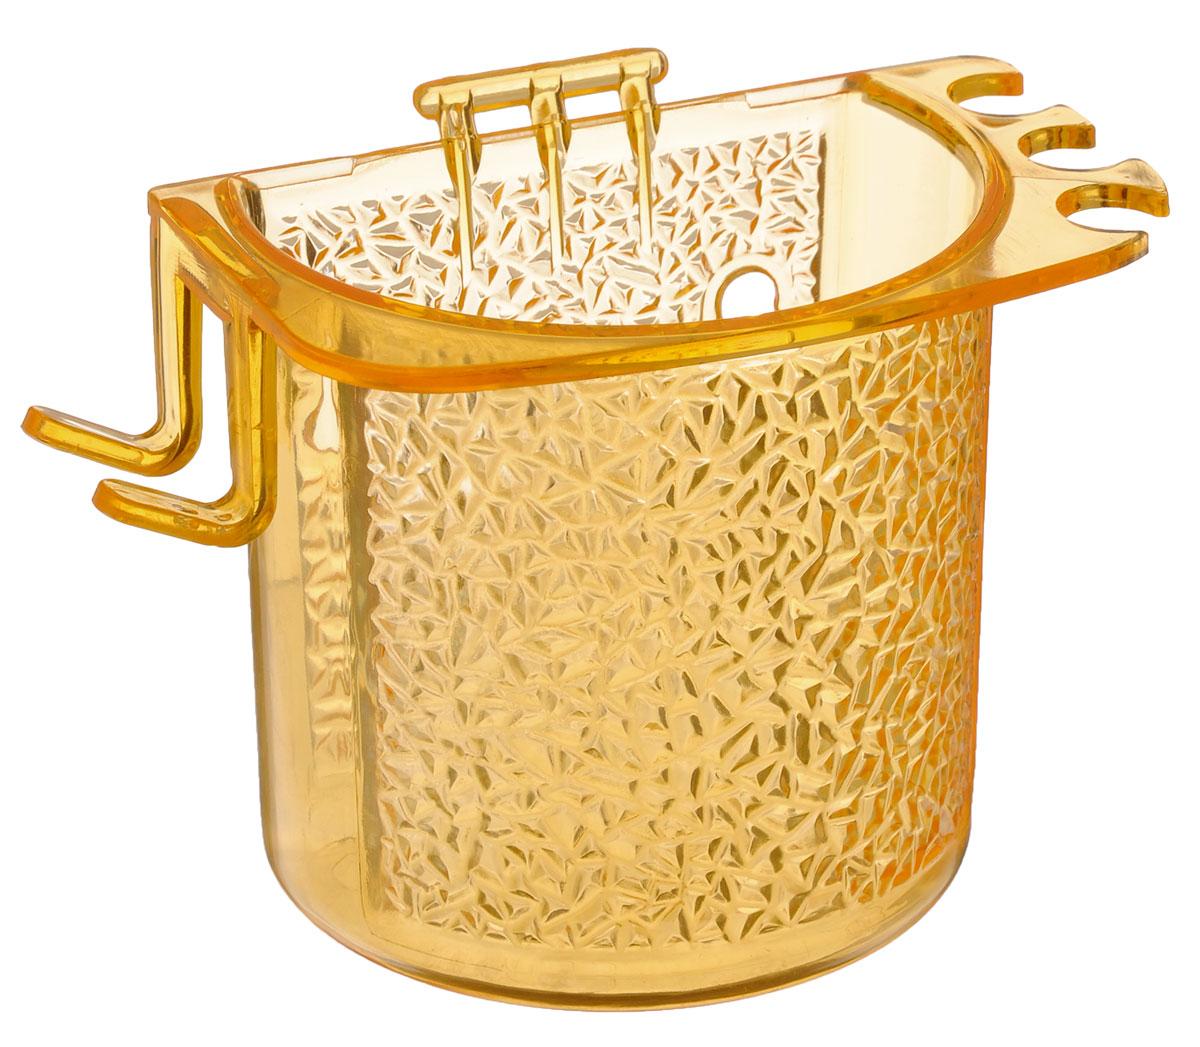 Стакан для ванной Fresh Code, на липкой основе, цвет: оранжевый68/5/2Стакан для ванной комнаты Fresh Code выполнен из ABS пластика. Крепление на липкой основе многократного использования идеально подходит для гладкой поверхности. С оборотной стороны изделие оснащено двумя отверстиями для удобного размещения на стене.В стакане удобно хранить зубные щетки, пасту и другие принадлежности. Аксессуары для ванной комнаты Fresh Code стильно украсят интерьер и добавят в обычную обстановку яркие и модные акценты. Стакан идеально подойдет к любому стилю ванной комнаты.